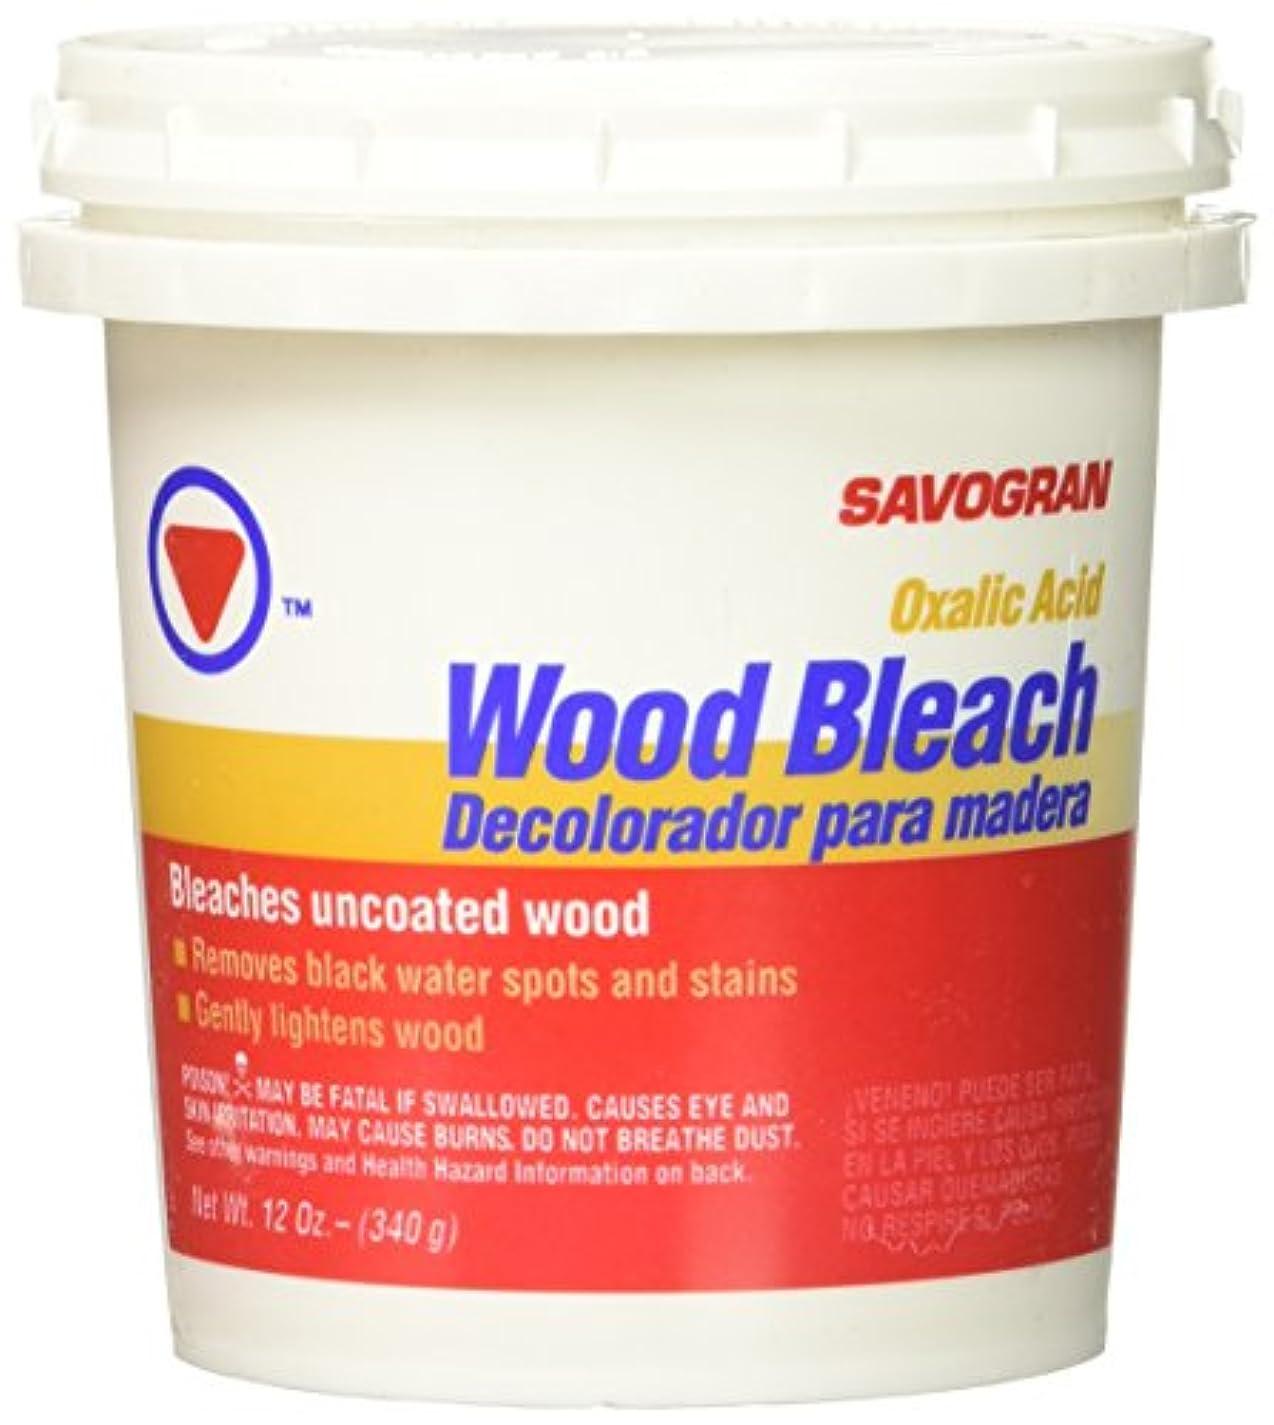 ベックスピットダウンタウンSavogran 10501木製漂白剤、12oz。 12 oz 10501 1